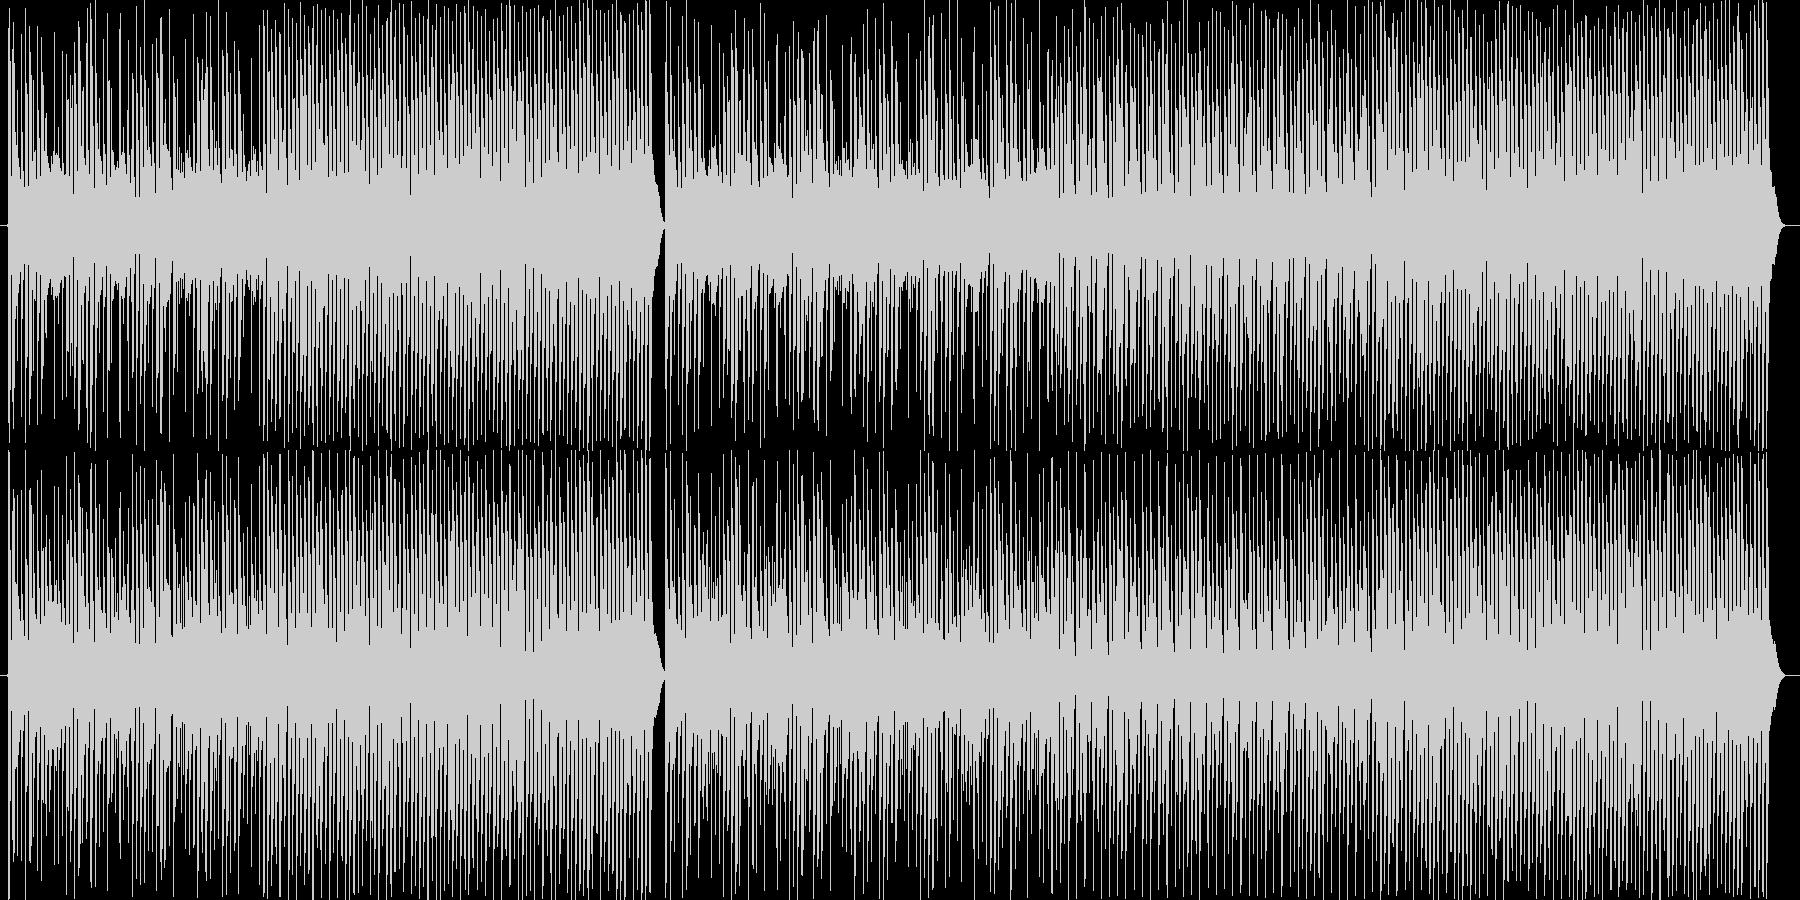 カワイイ、コミカルの未再生の波形